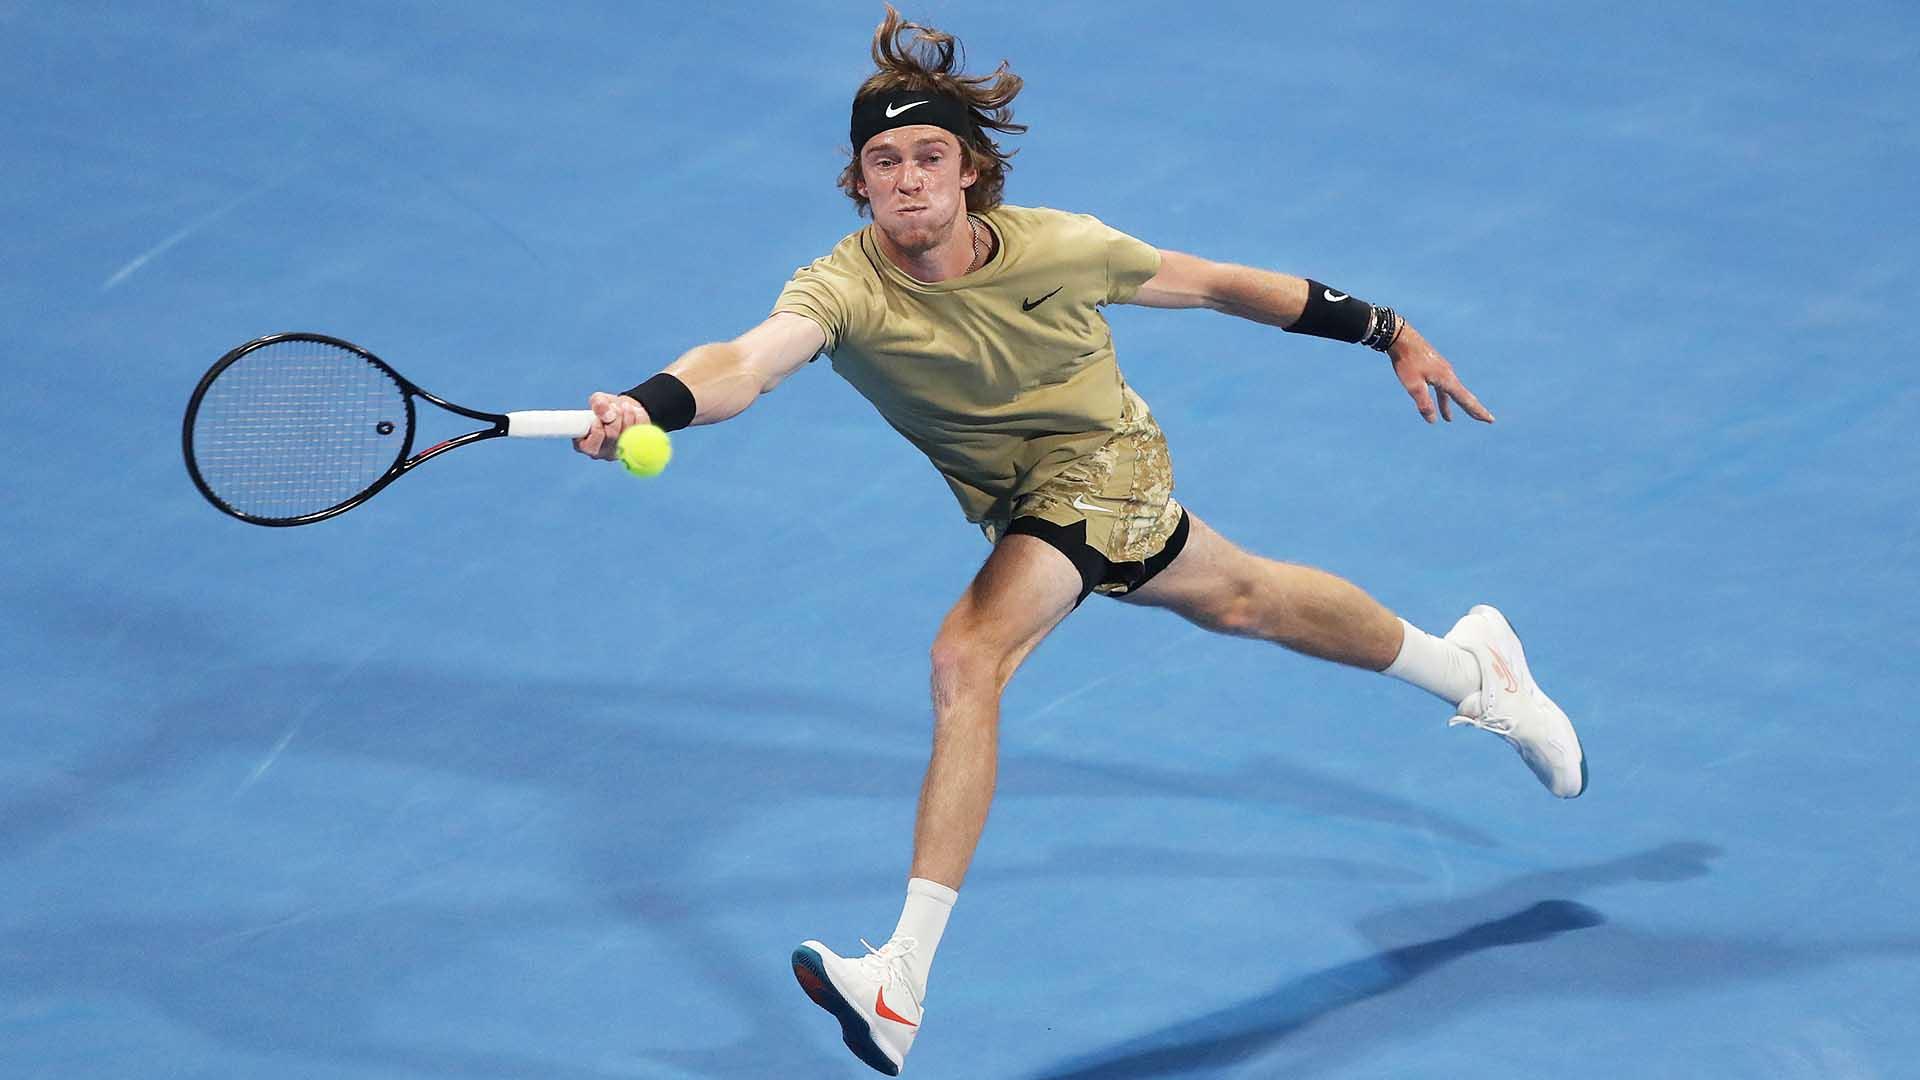 Monte-Carlo Masters 2021: Andrey Rublev vs. Salvatore Caruso Tennis Pick and Prediction